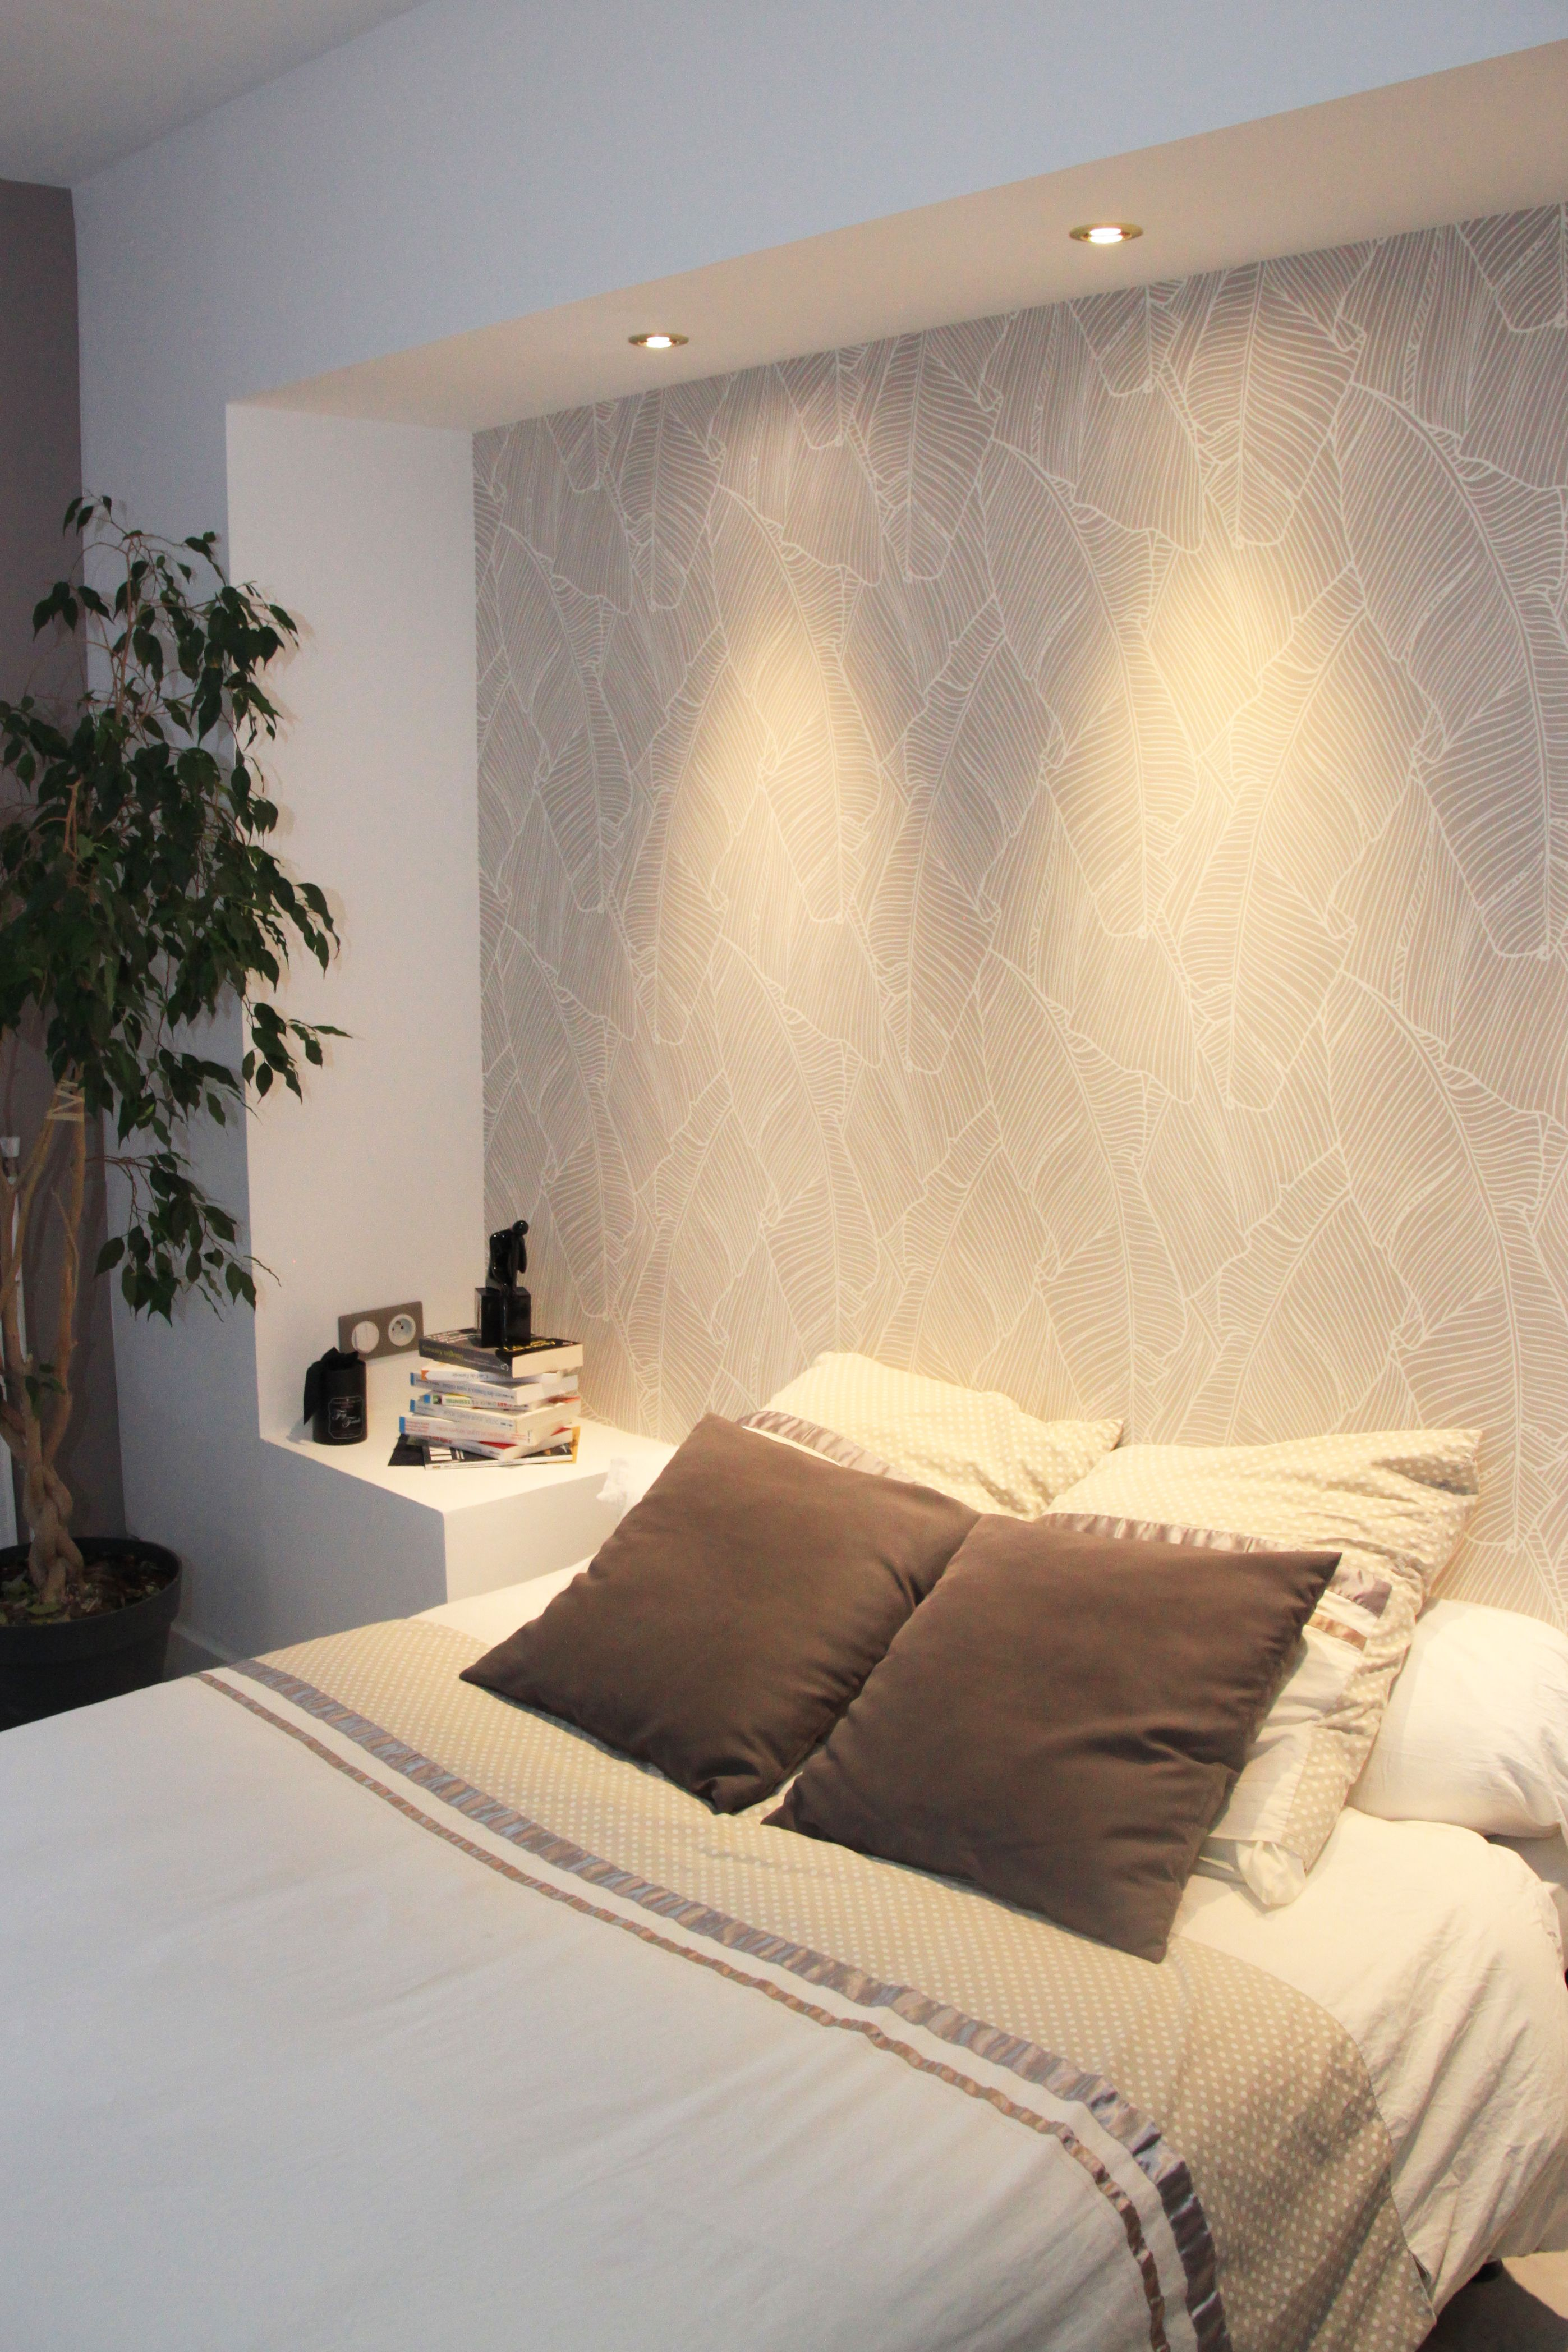 caisson ruban intégrant des spots pour tªte de lit avec papier